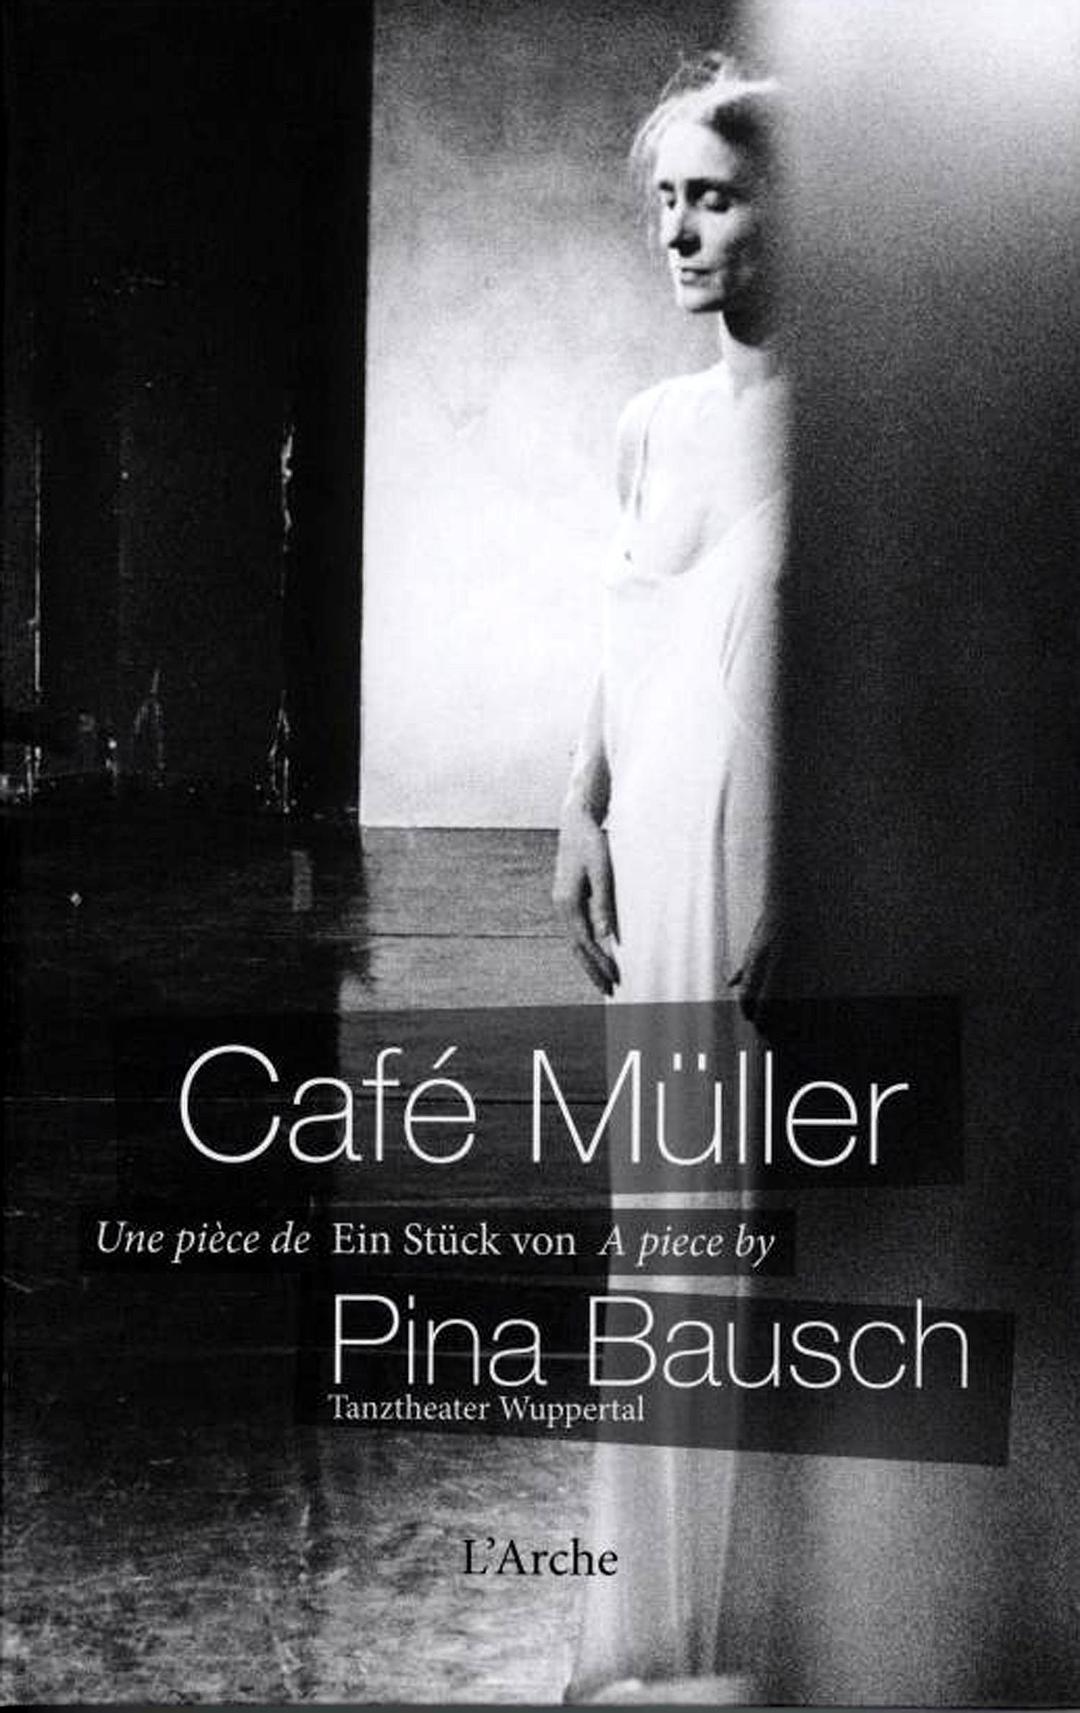 皮娜·鲍什:穆勒咖啡馆